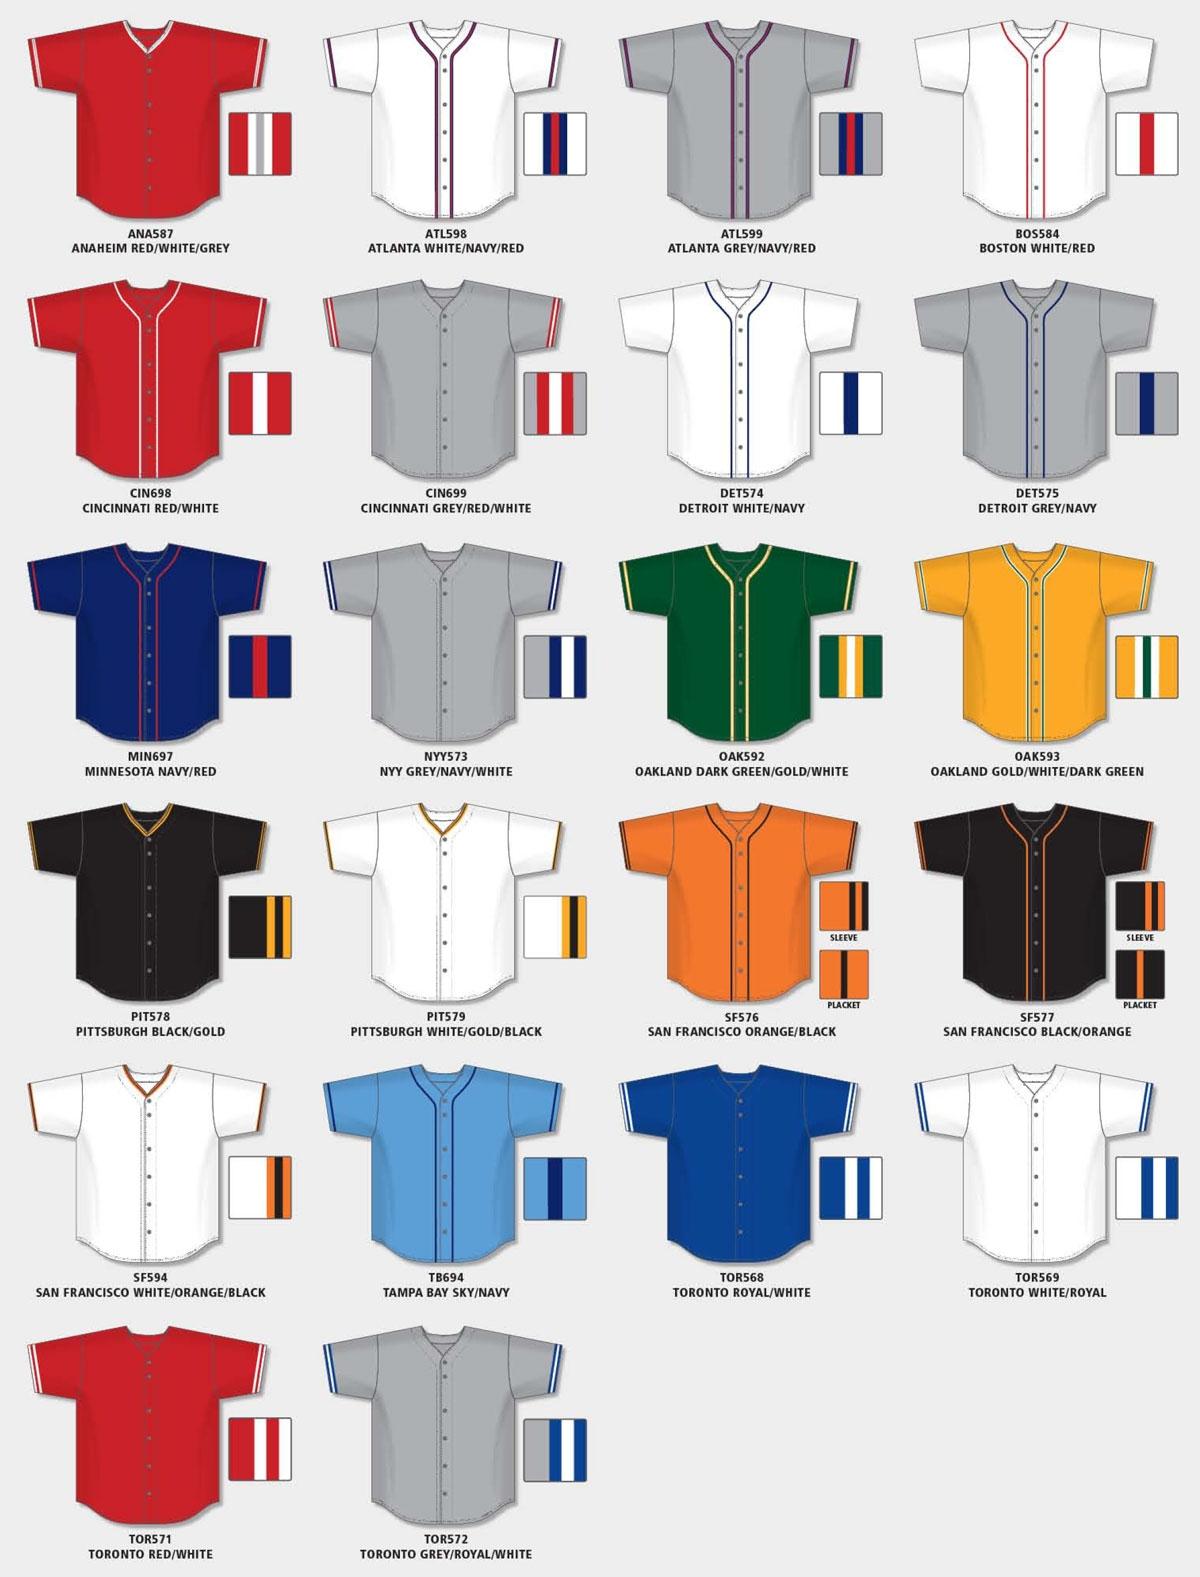 BA5500 - Pro Style Baseball Jersey